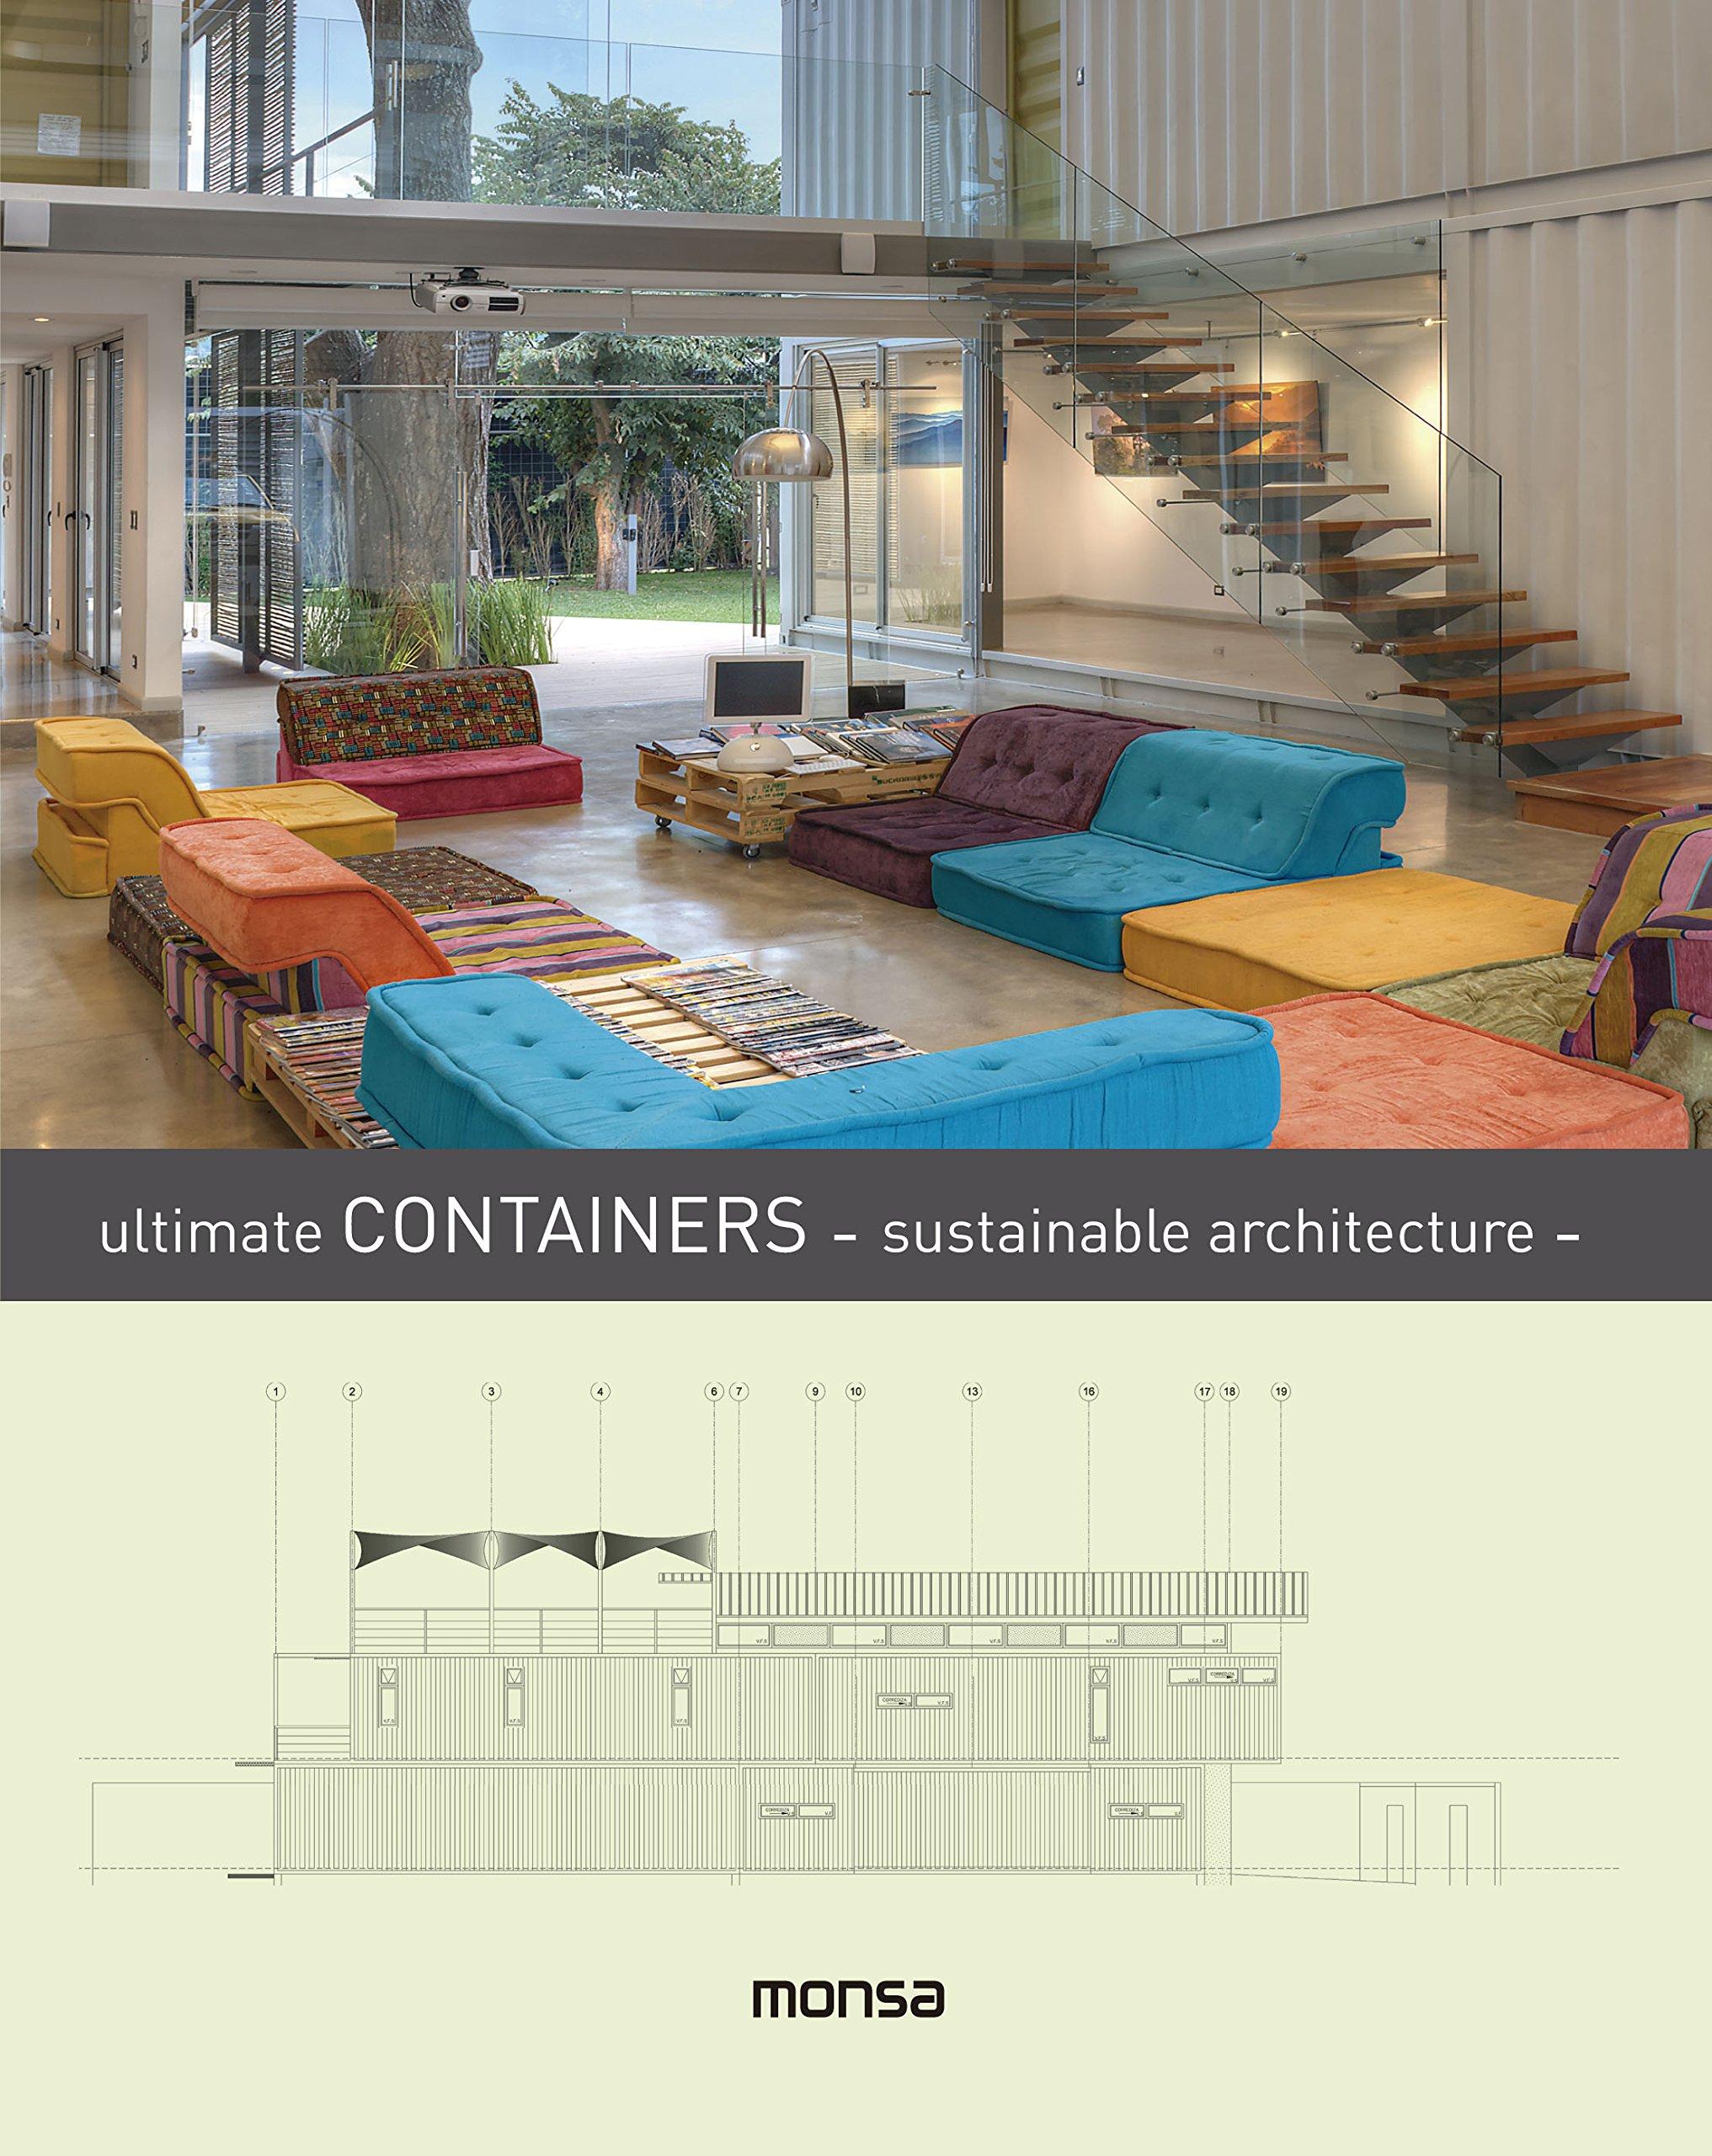 Ultimate Containers - sustainable architecture - (Inglés) Tapa dura – Ilustrado, 1 abr 2016 monsa Instituto Monsa de Ediciones S.A. 8416500215